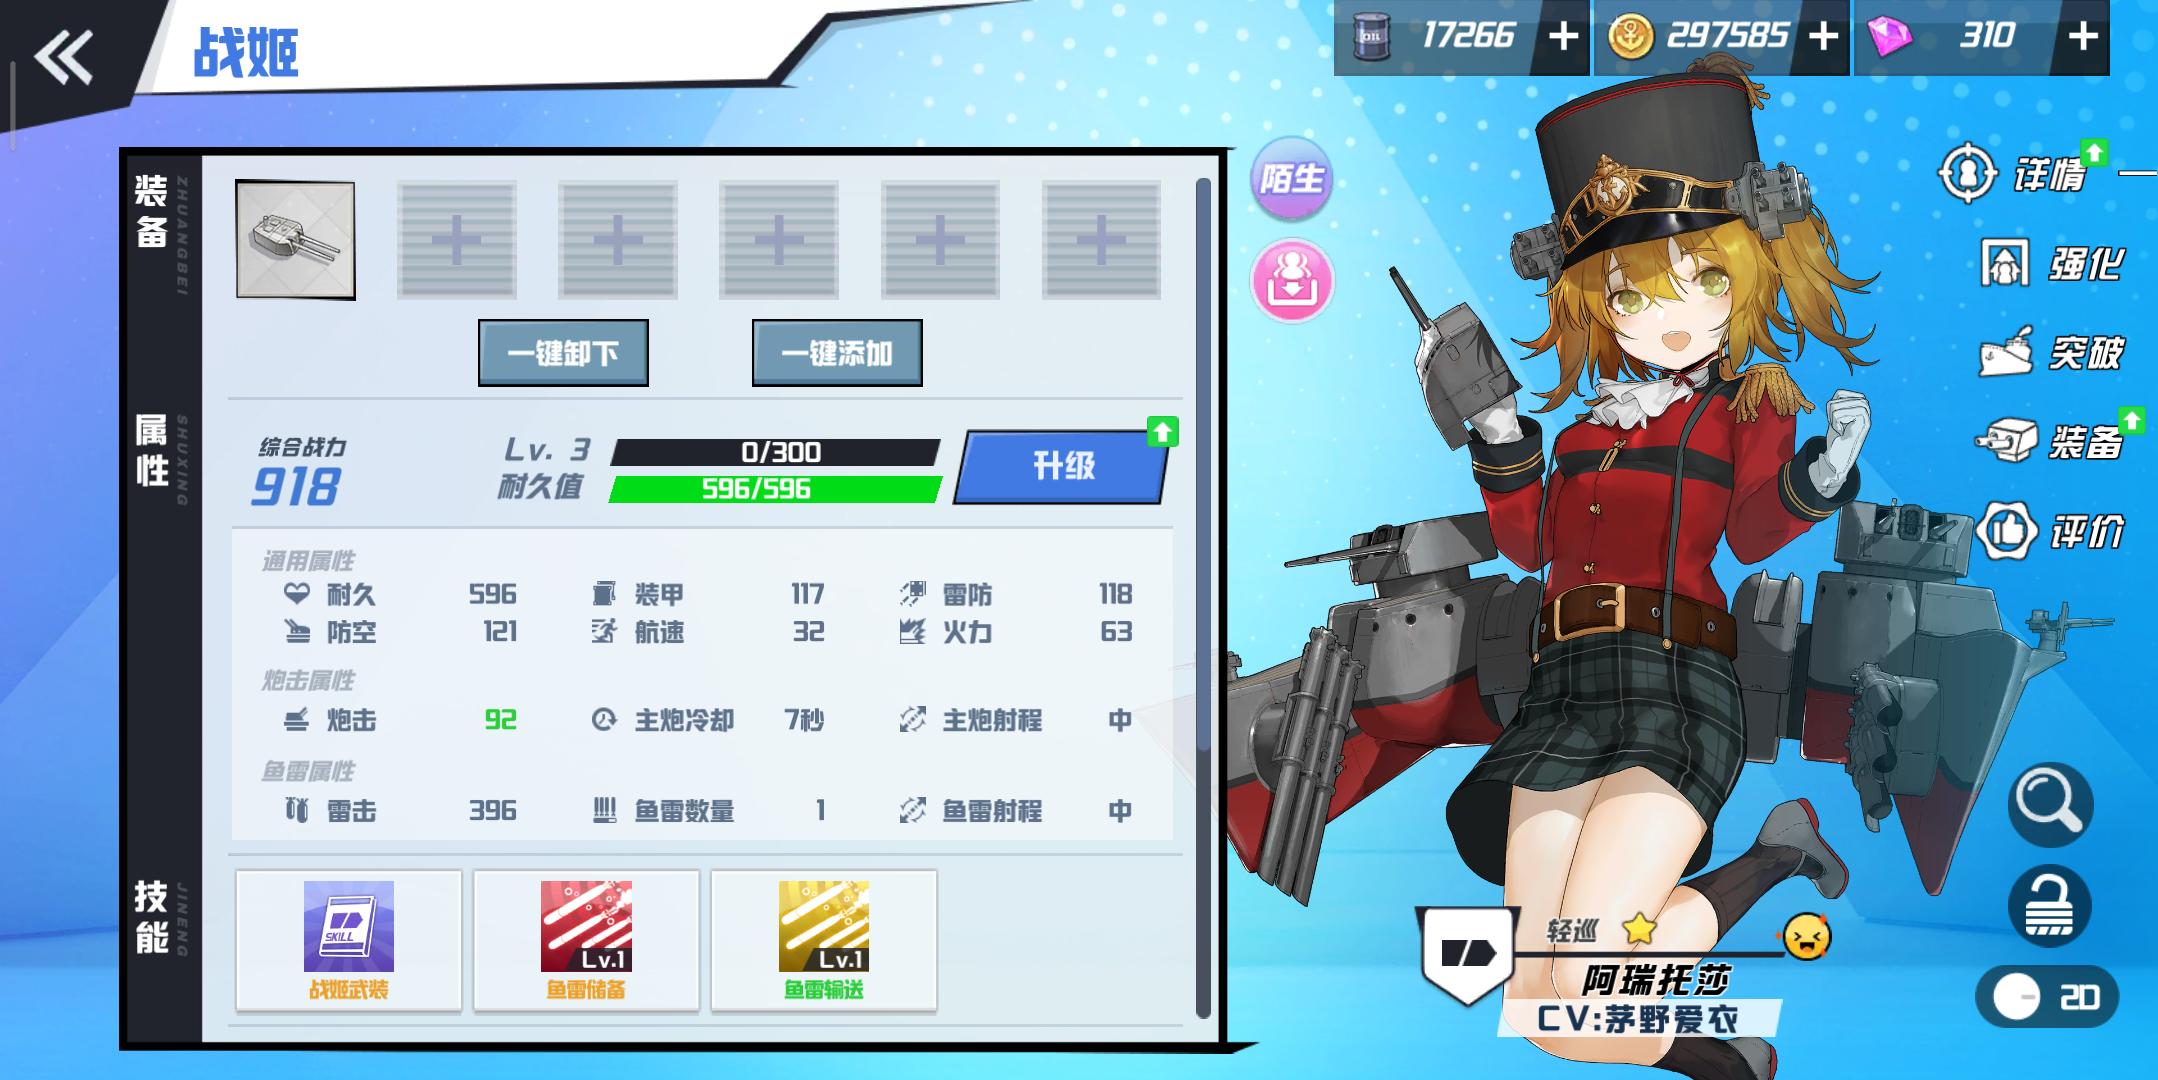 苍蓝誓约R级轻巡舰阿瑞托莎技能是什么